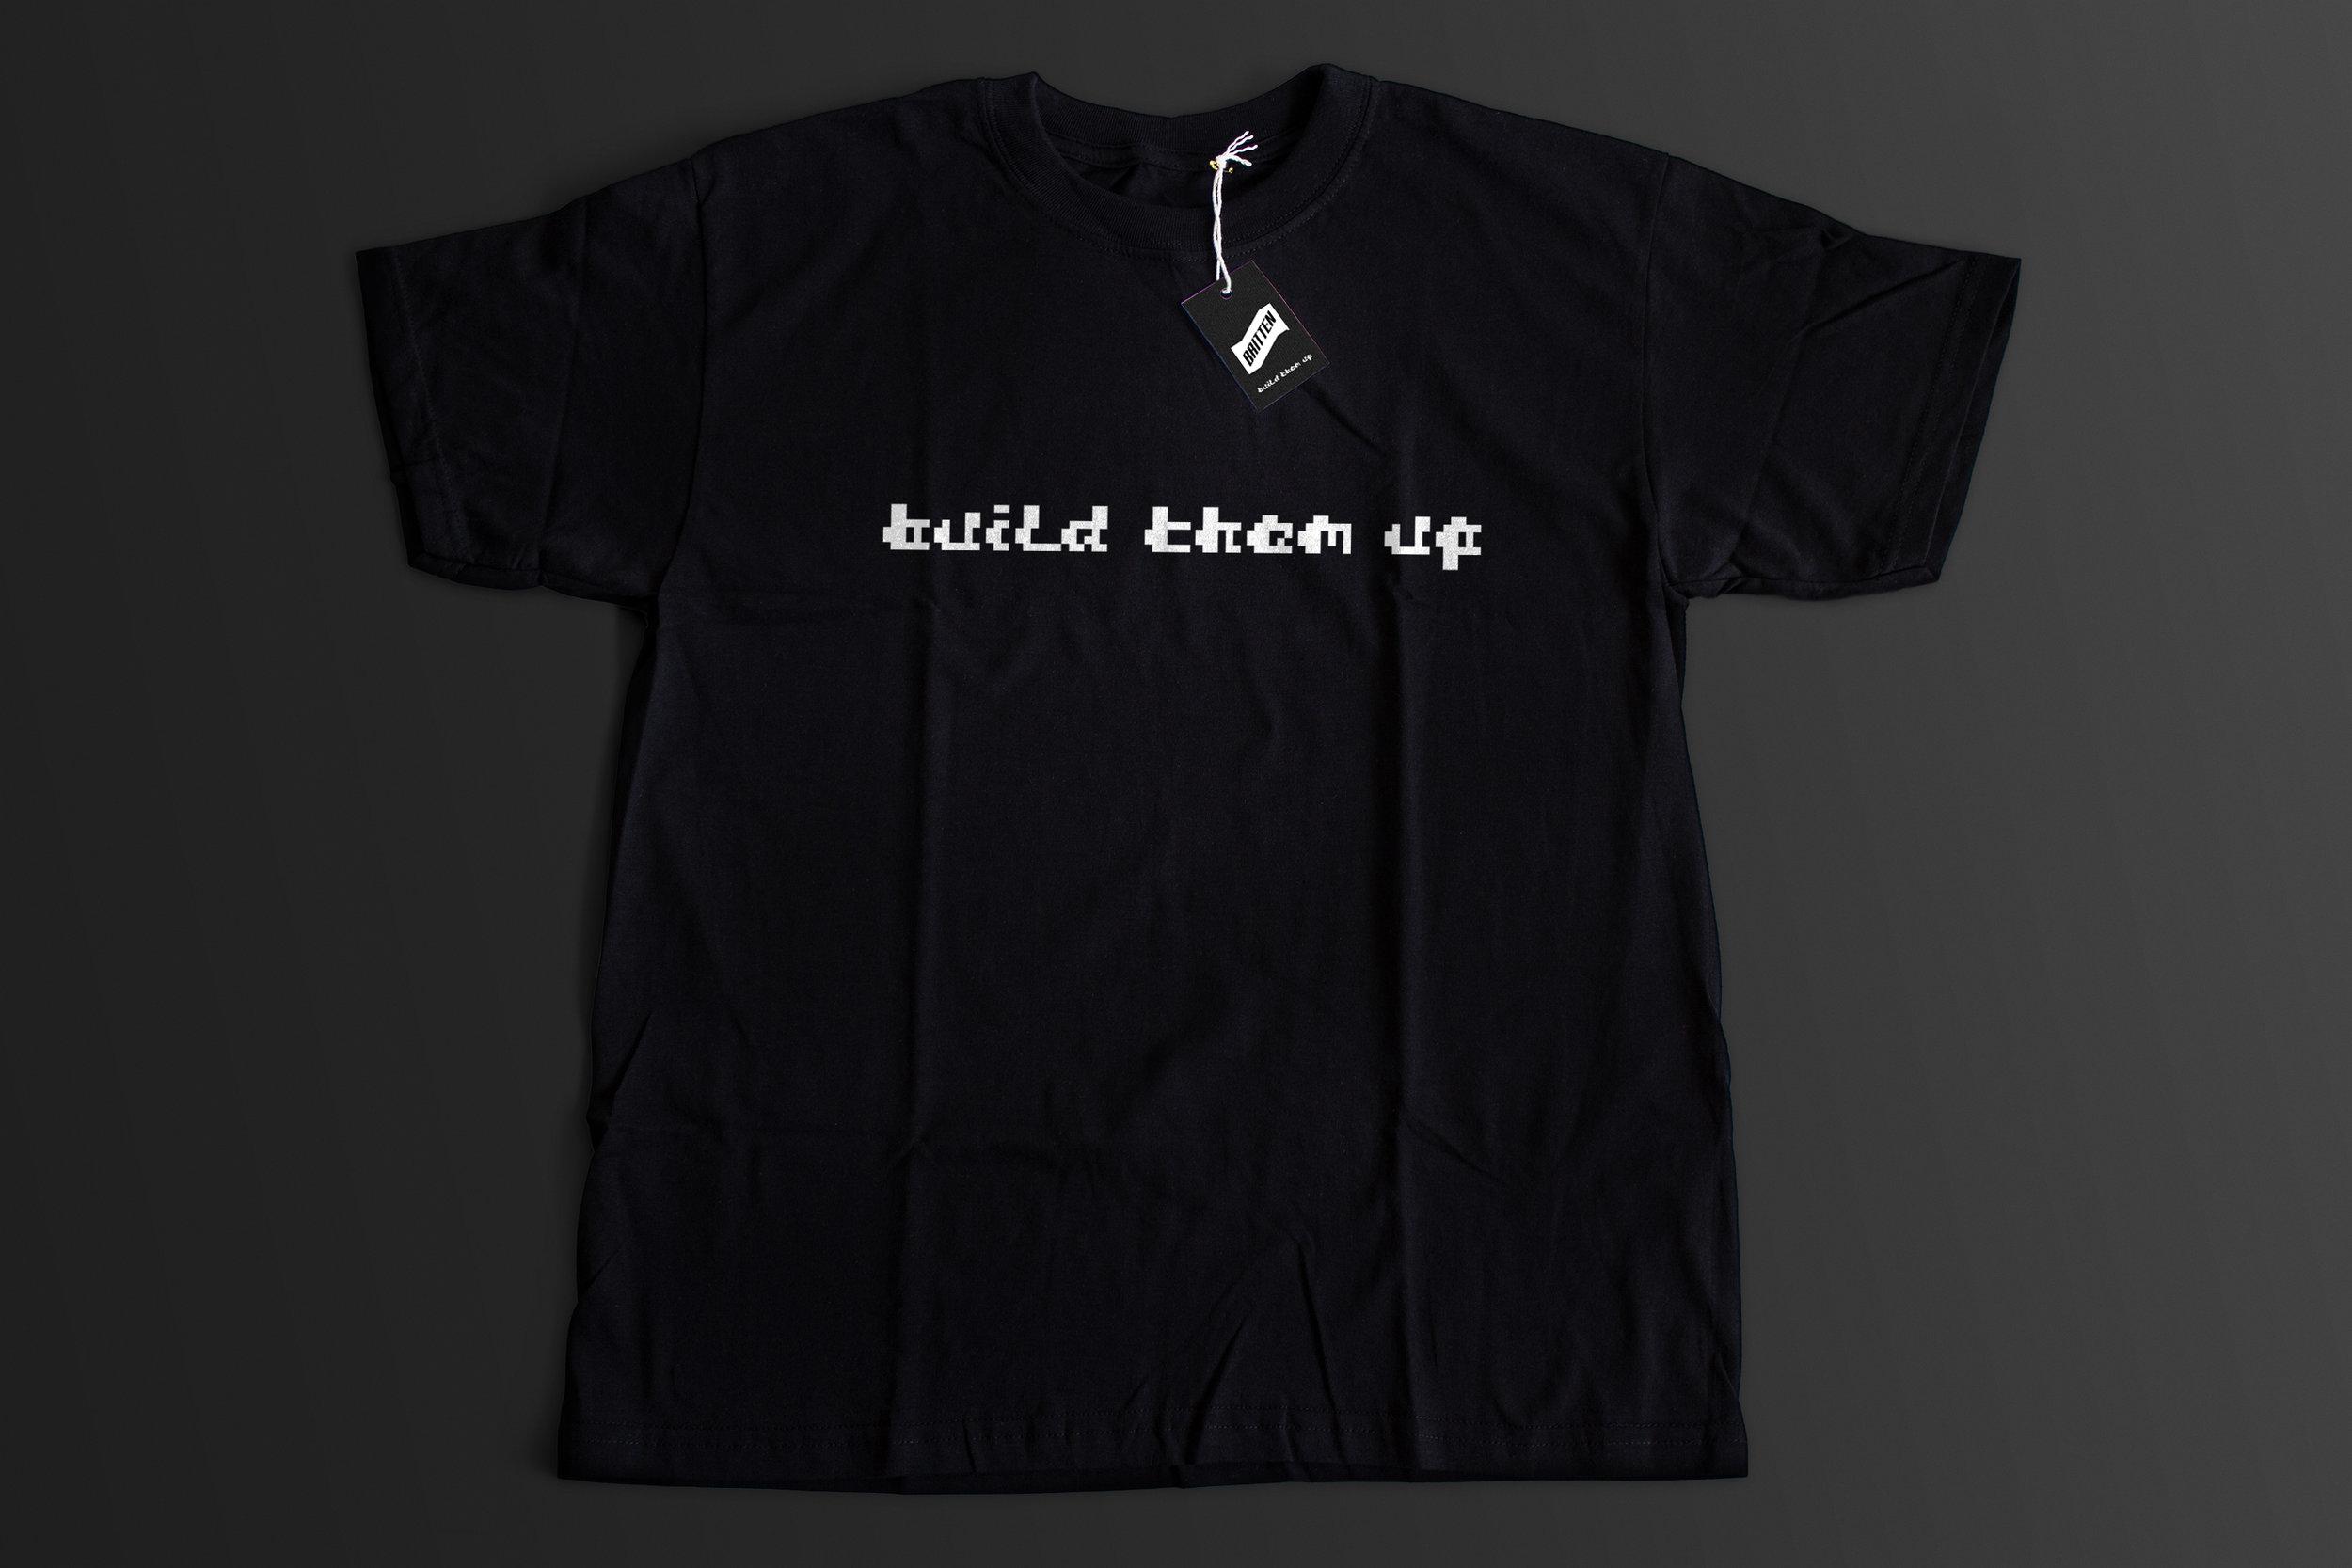 3D_britten_black-shirt_1_3000w.jpg